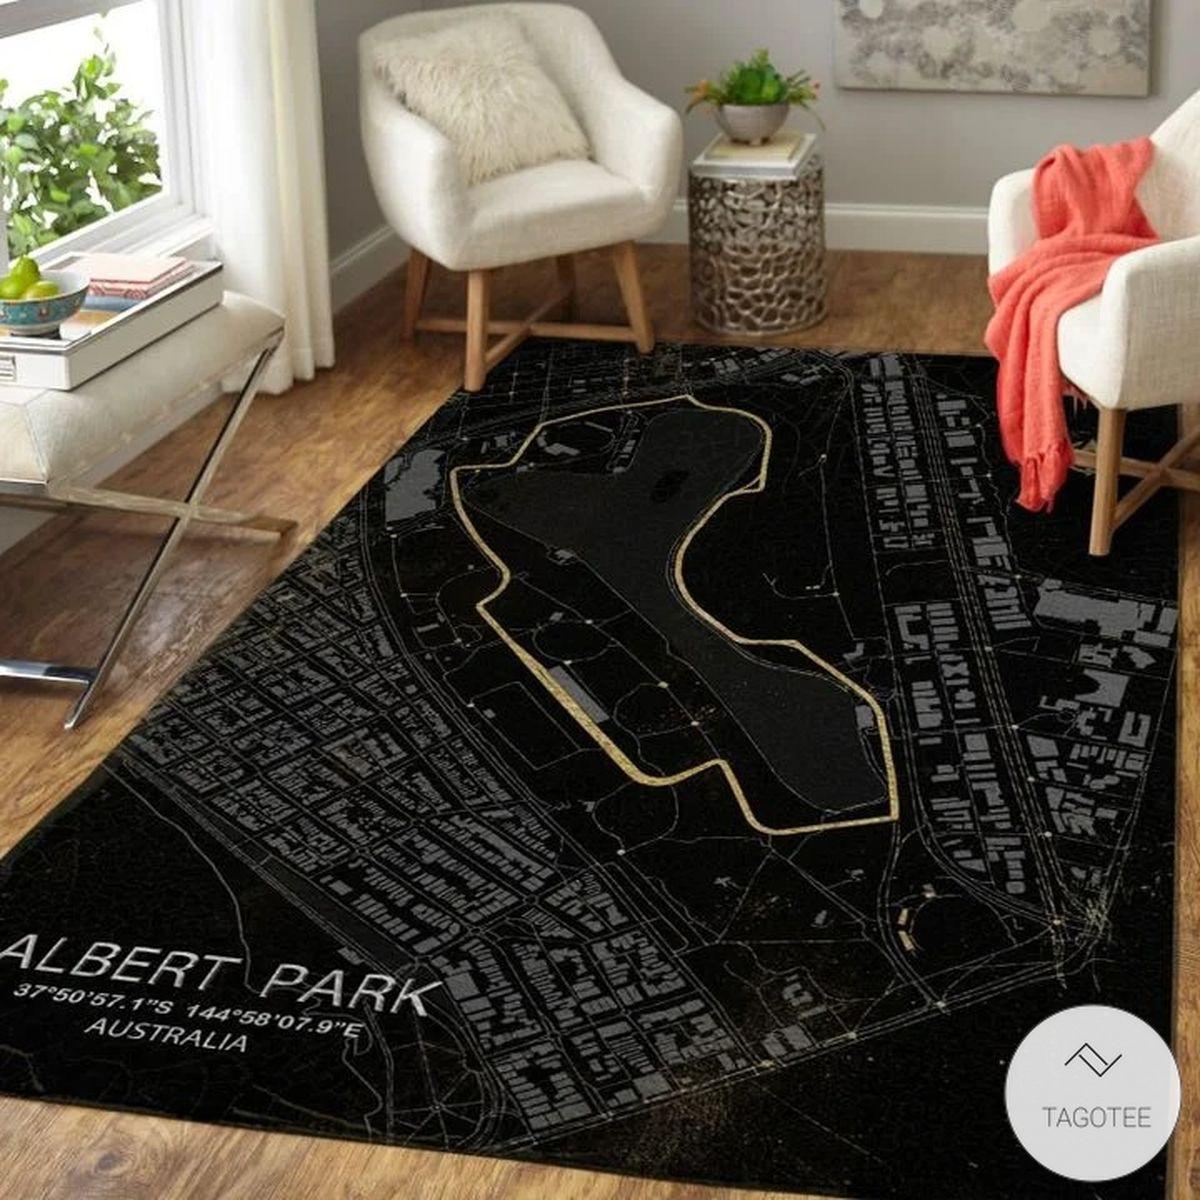 Albert Park F1 Circuit Map Rugz